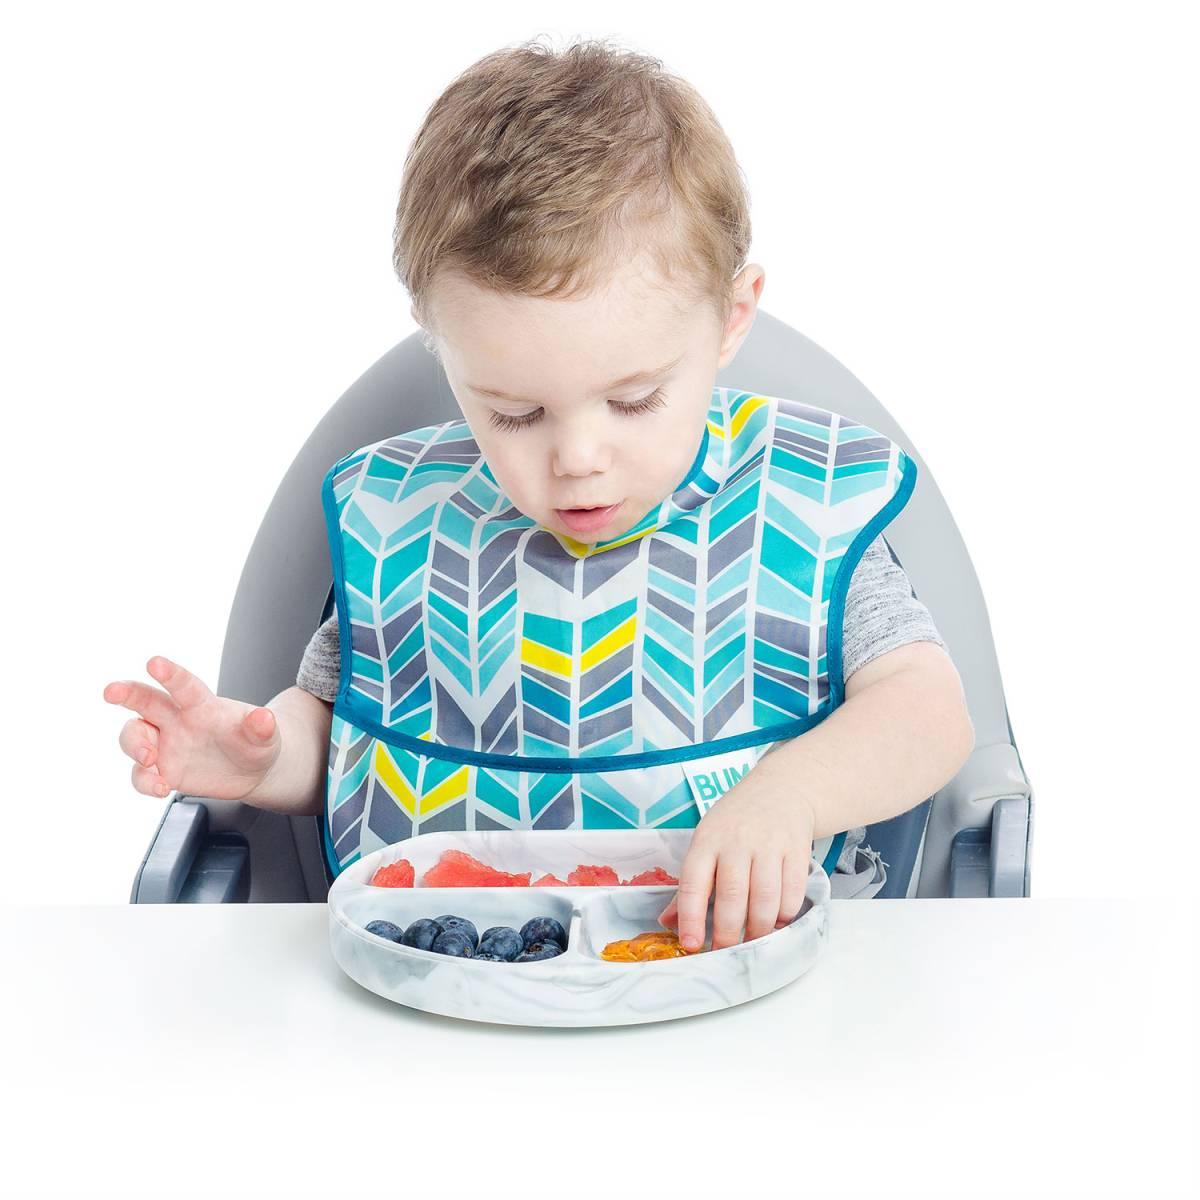 初めてのお食事セット!4点キッズセット 離乳食づくりを楽しく、便利に バンキンス Bumkins シリコン食器 われない こぼれない_画像2